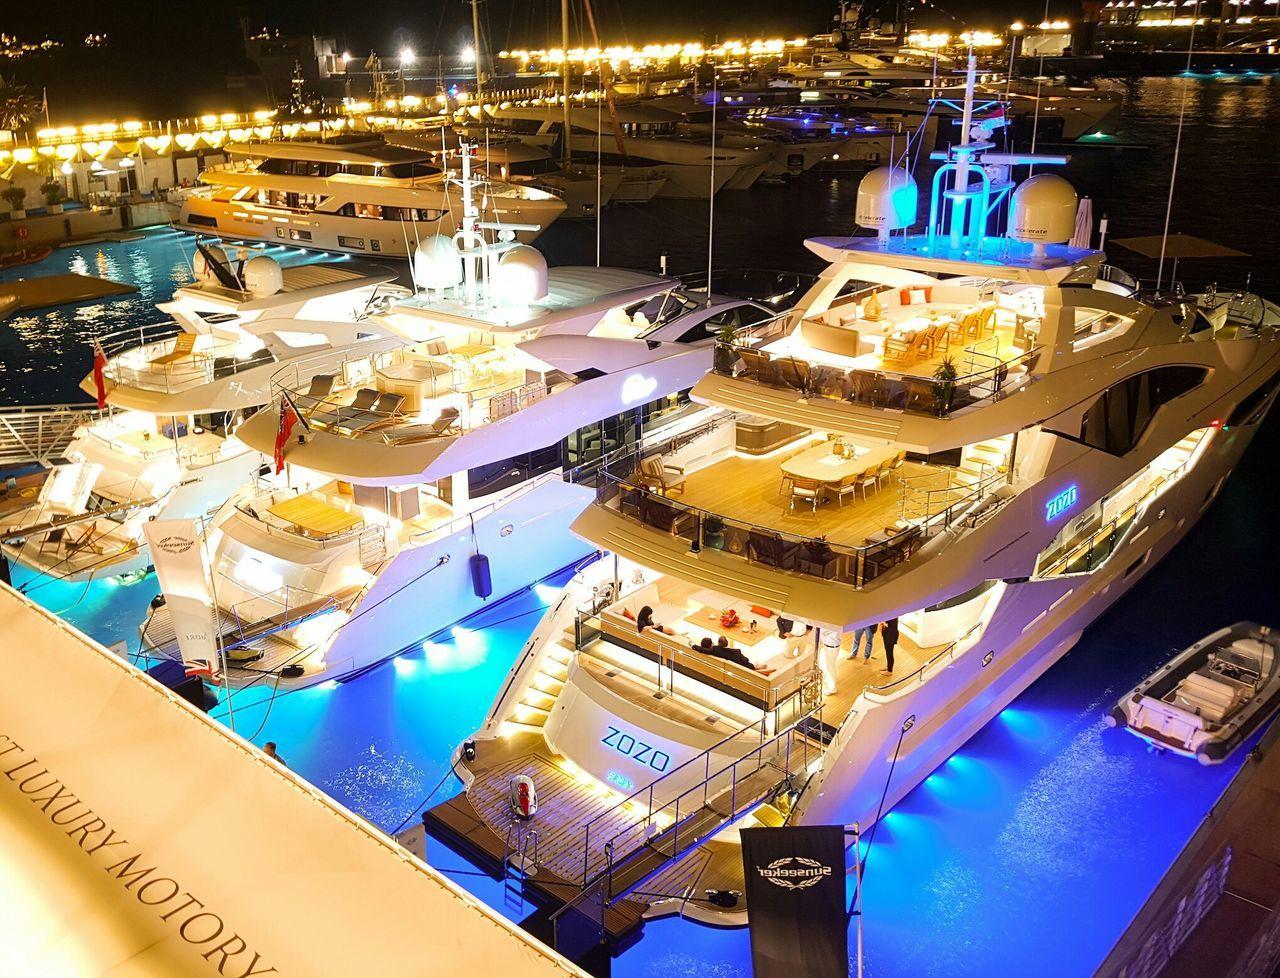 Monaco Yacht Show, Monaco Illuminated Luxury Night Yacht Yachts Yachting Monacoyachtshow Monaco